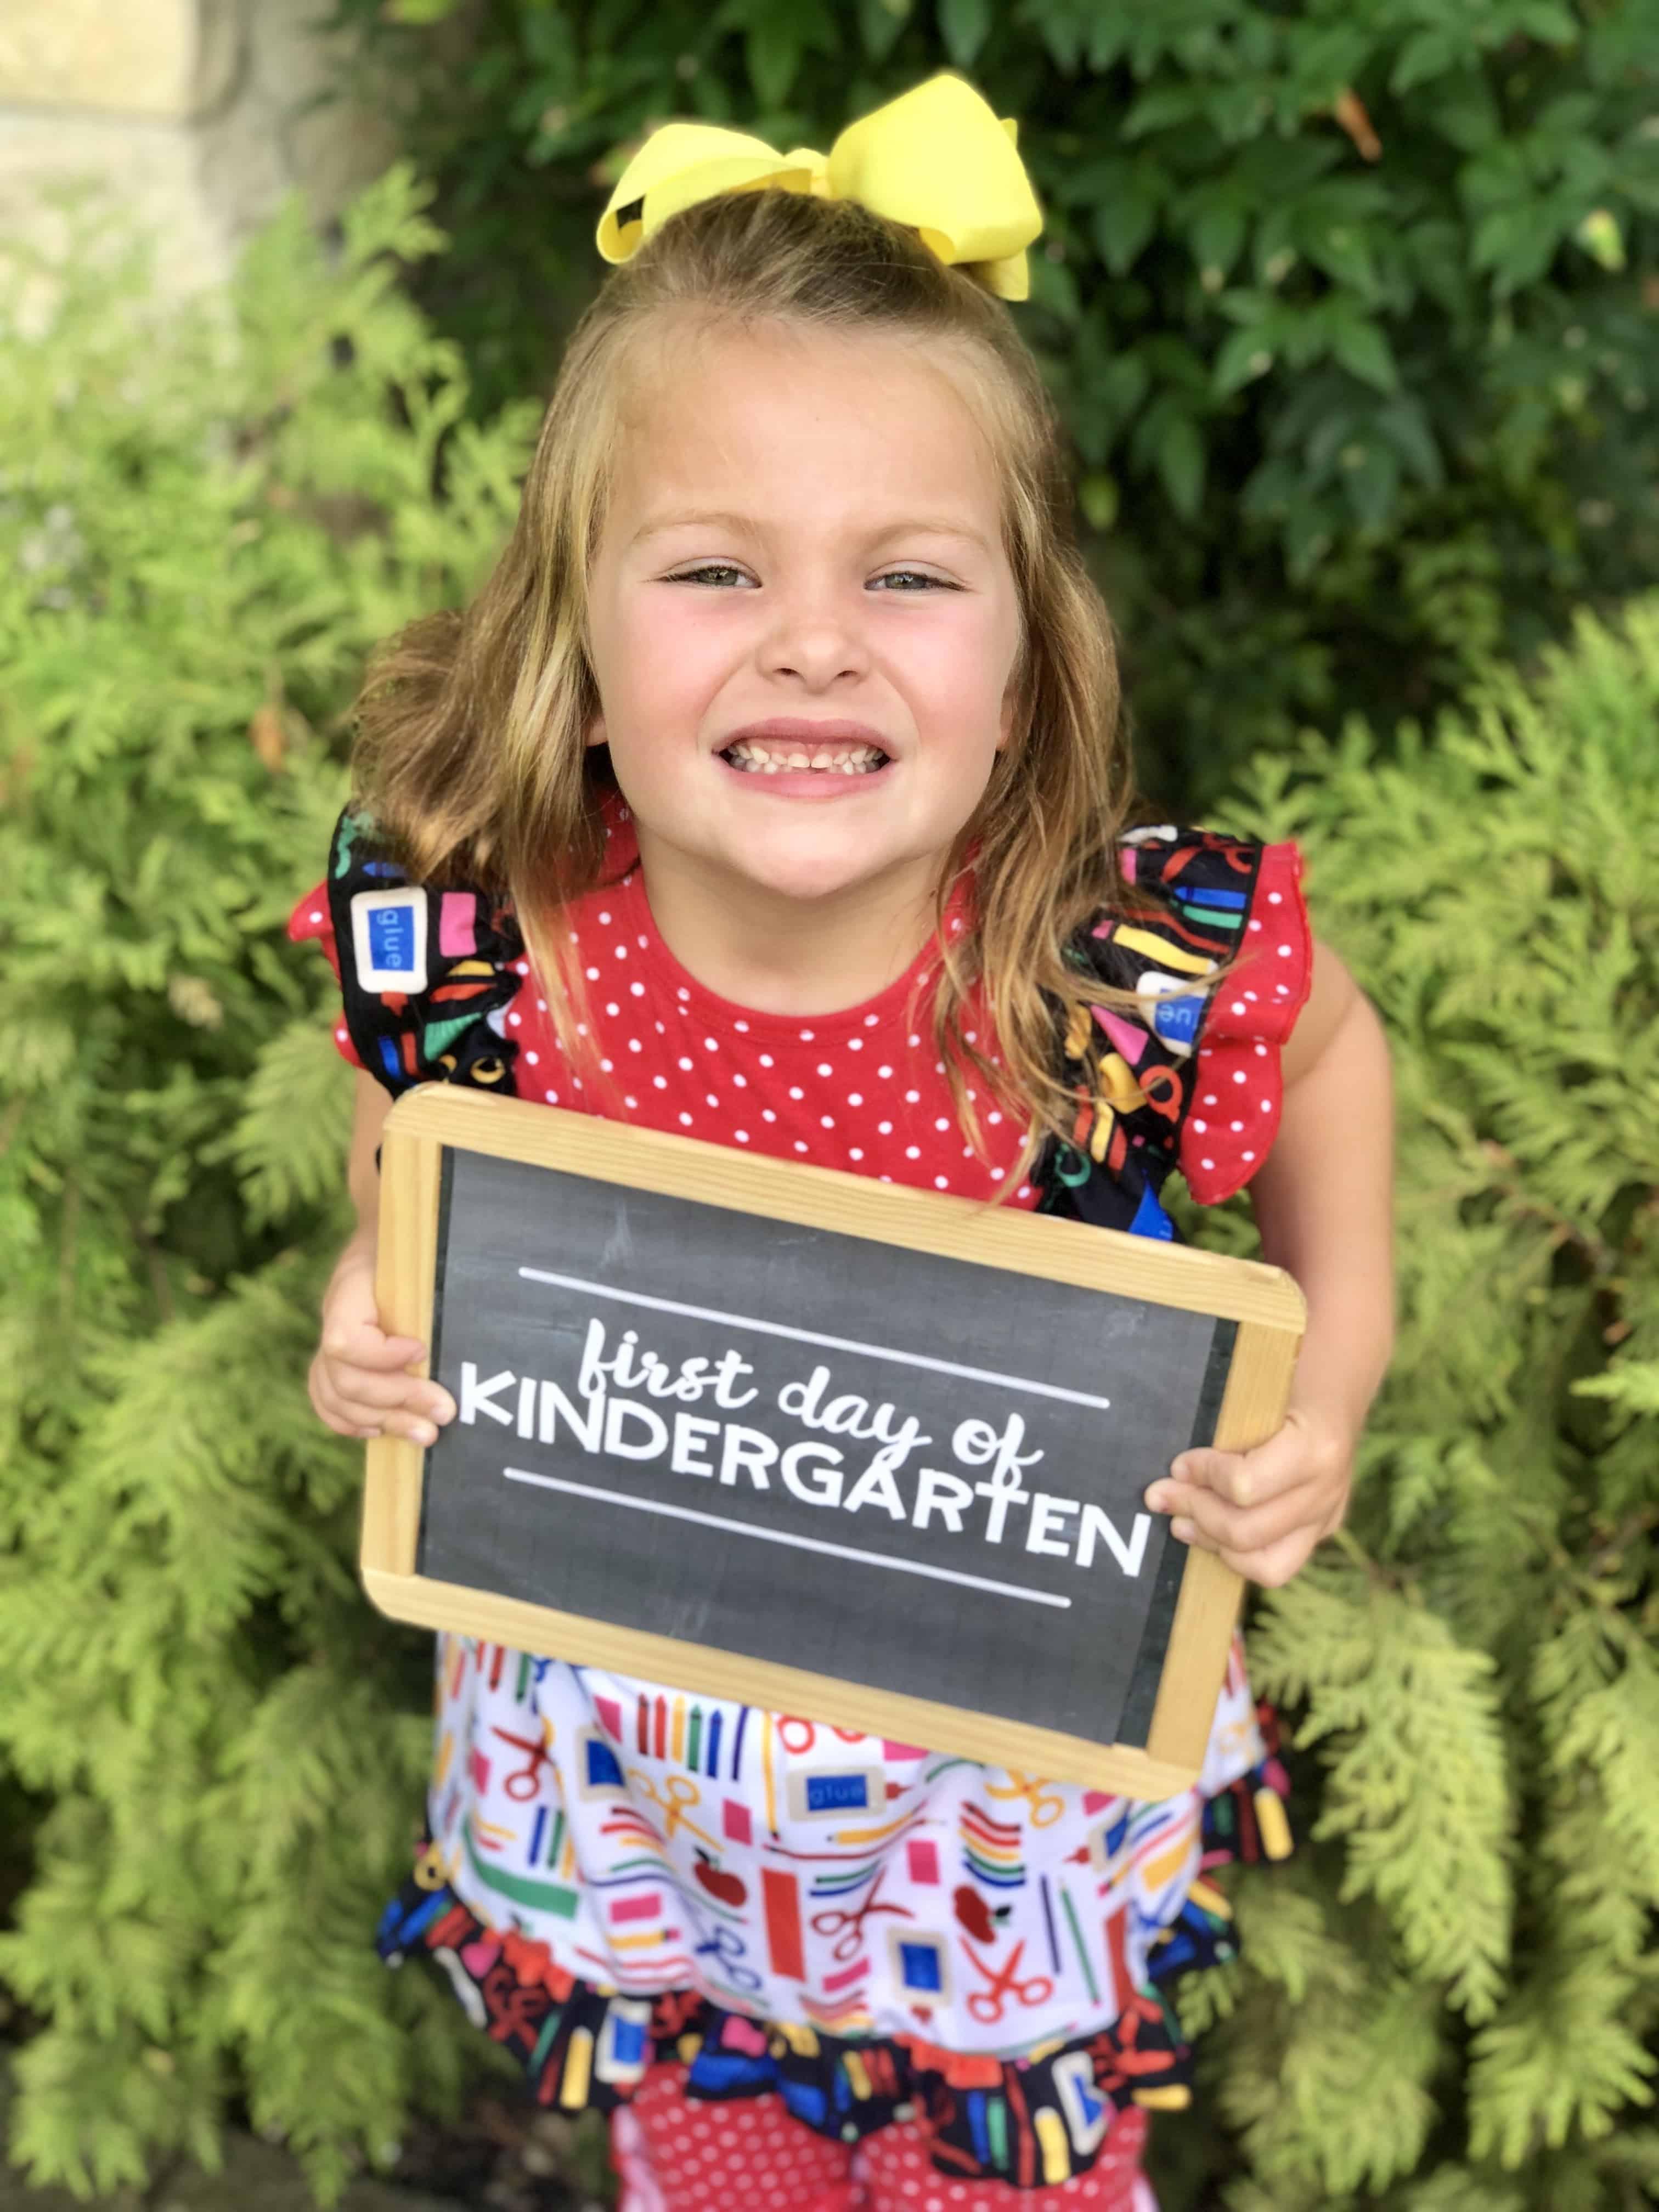 Chalkboard First Day Of School Signs Preschool Through